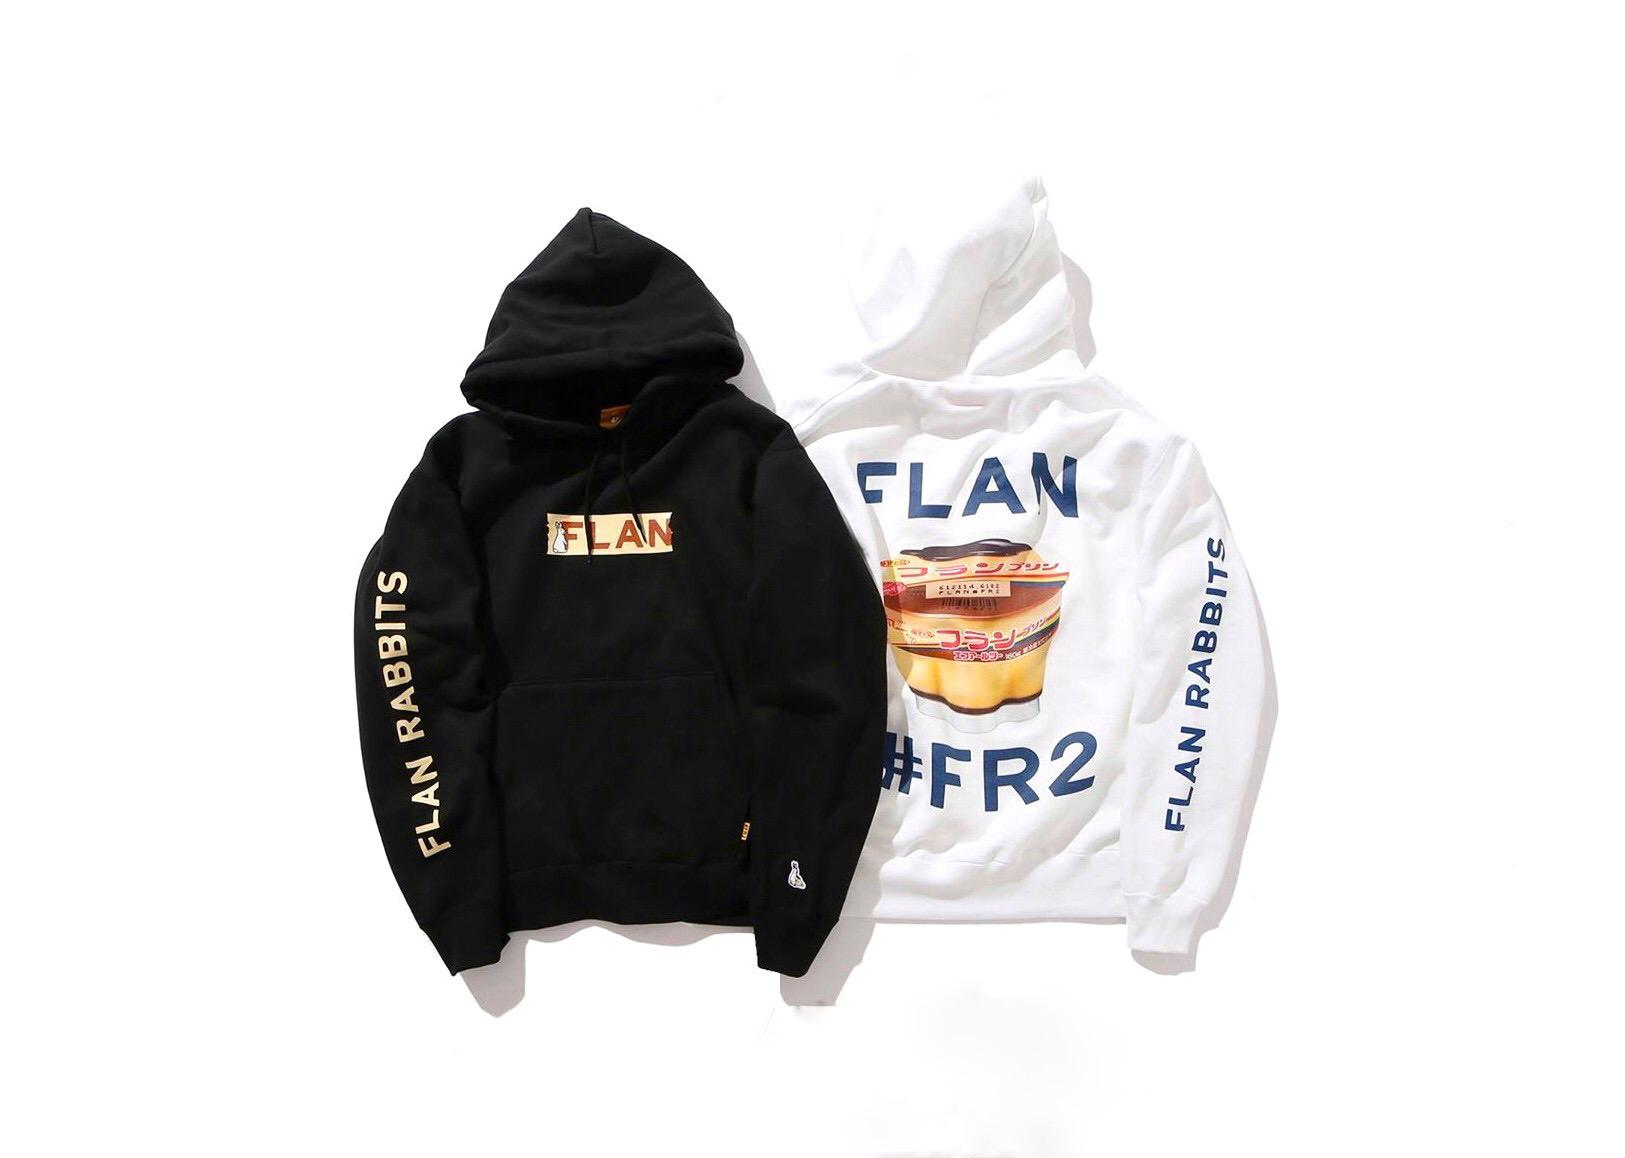 ブルックリン発FLANと#FR2のコラボ限定カプセルコレクション発売